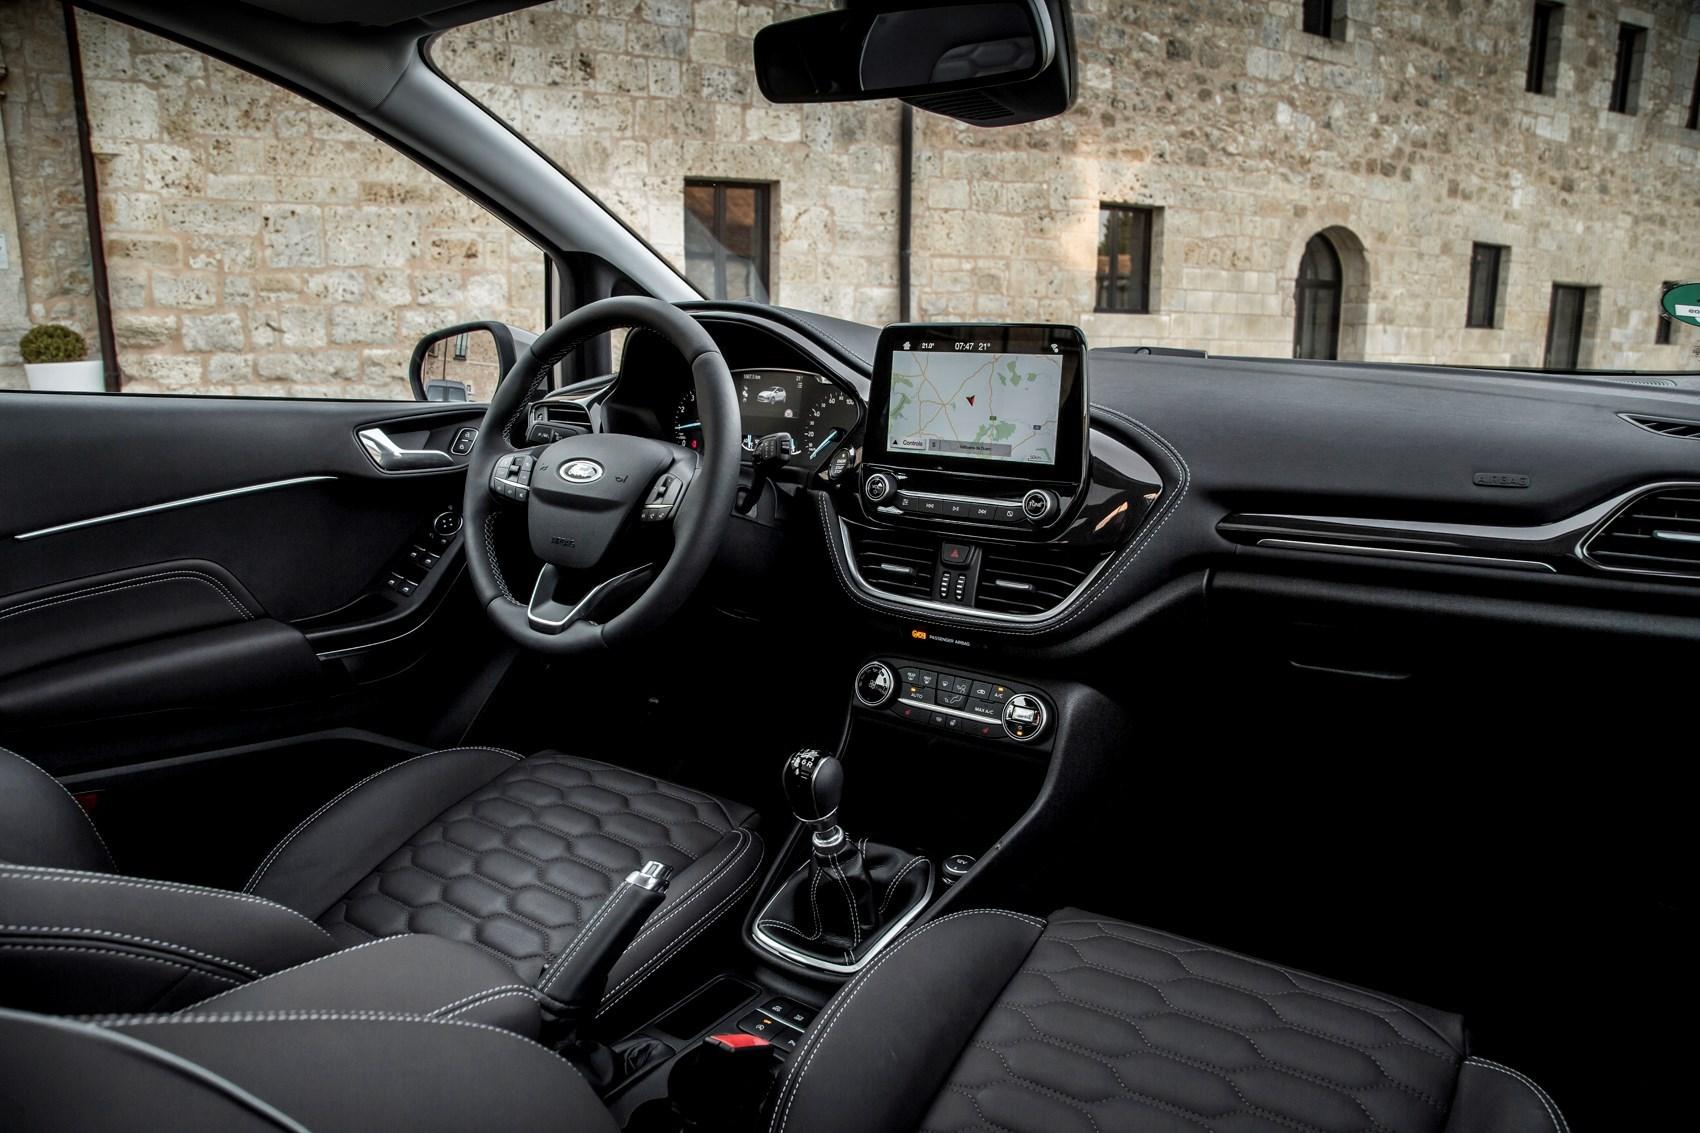 New 2017 Ford Fiesta Vignale interior